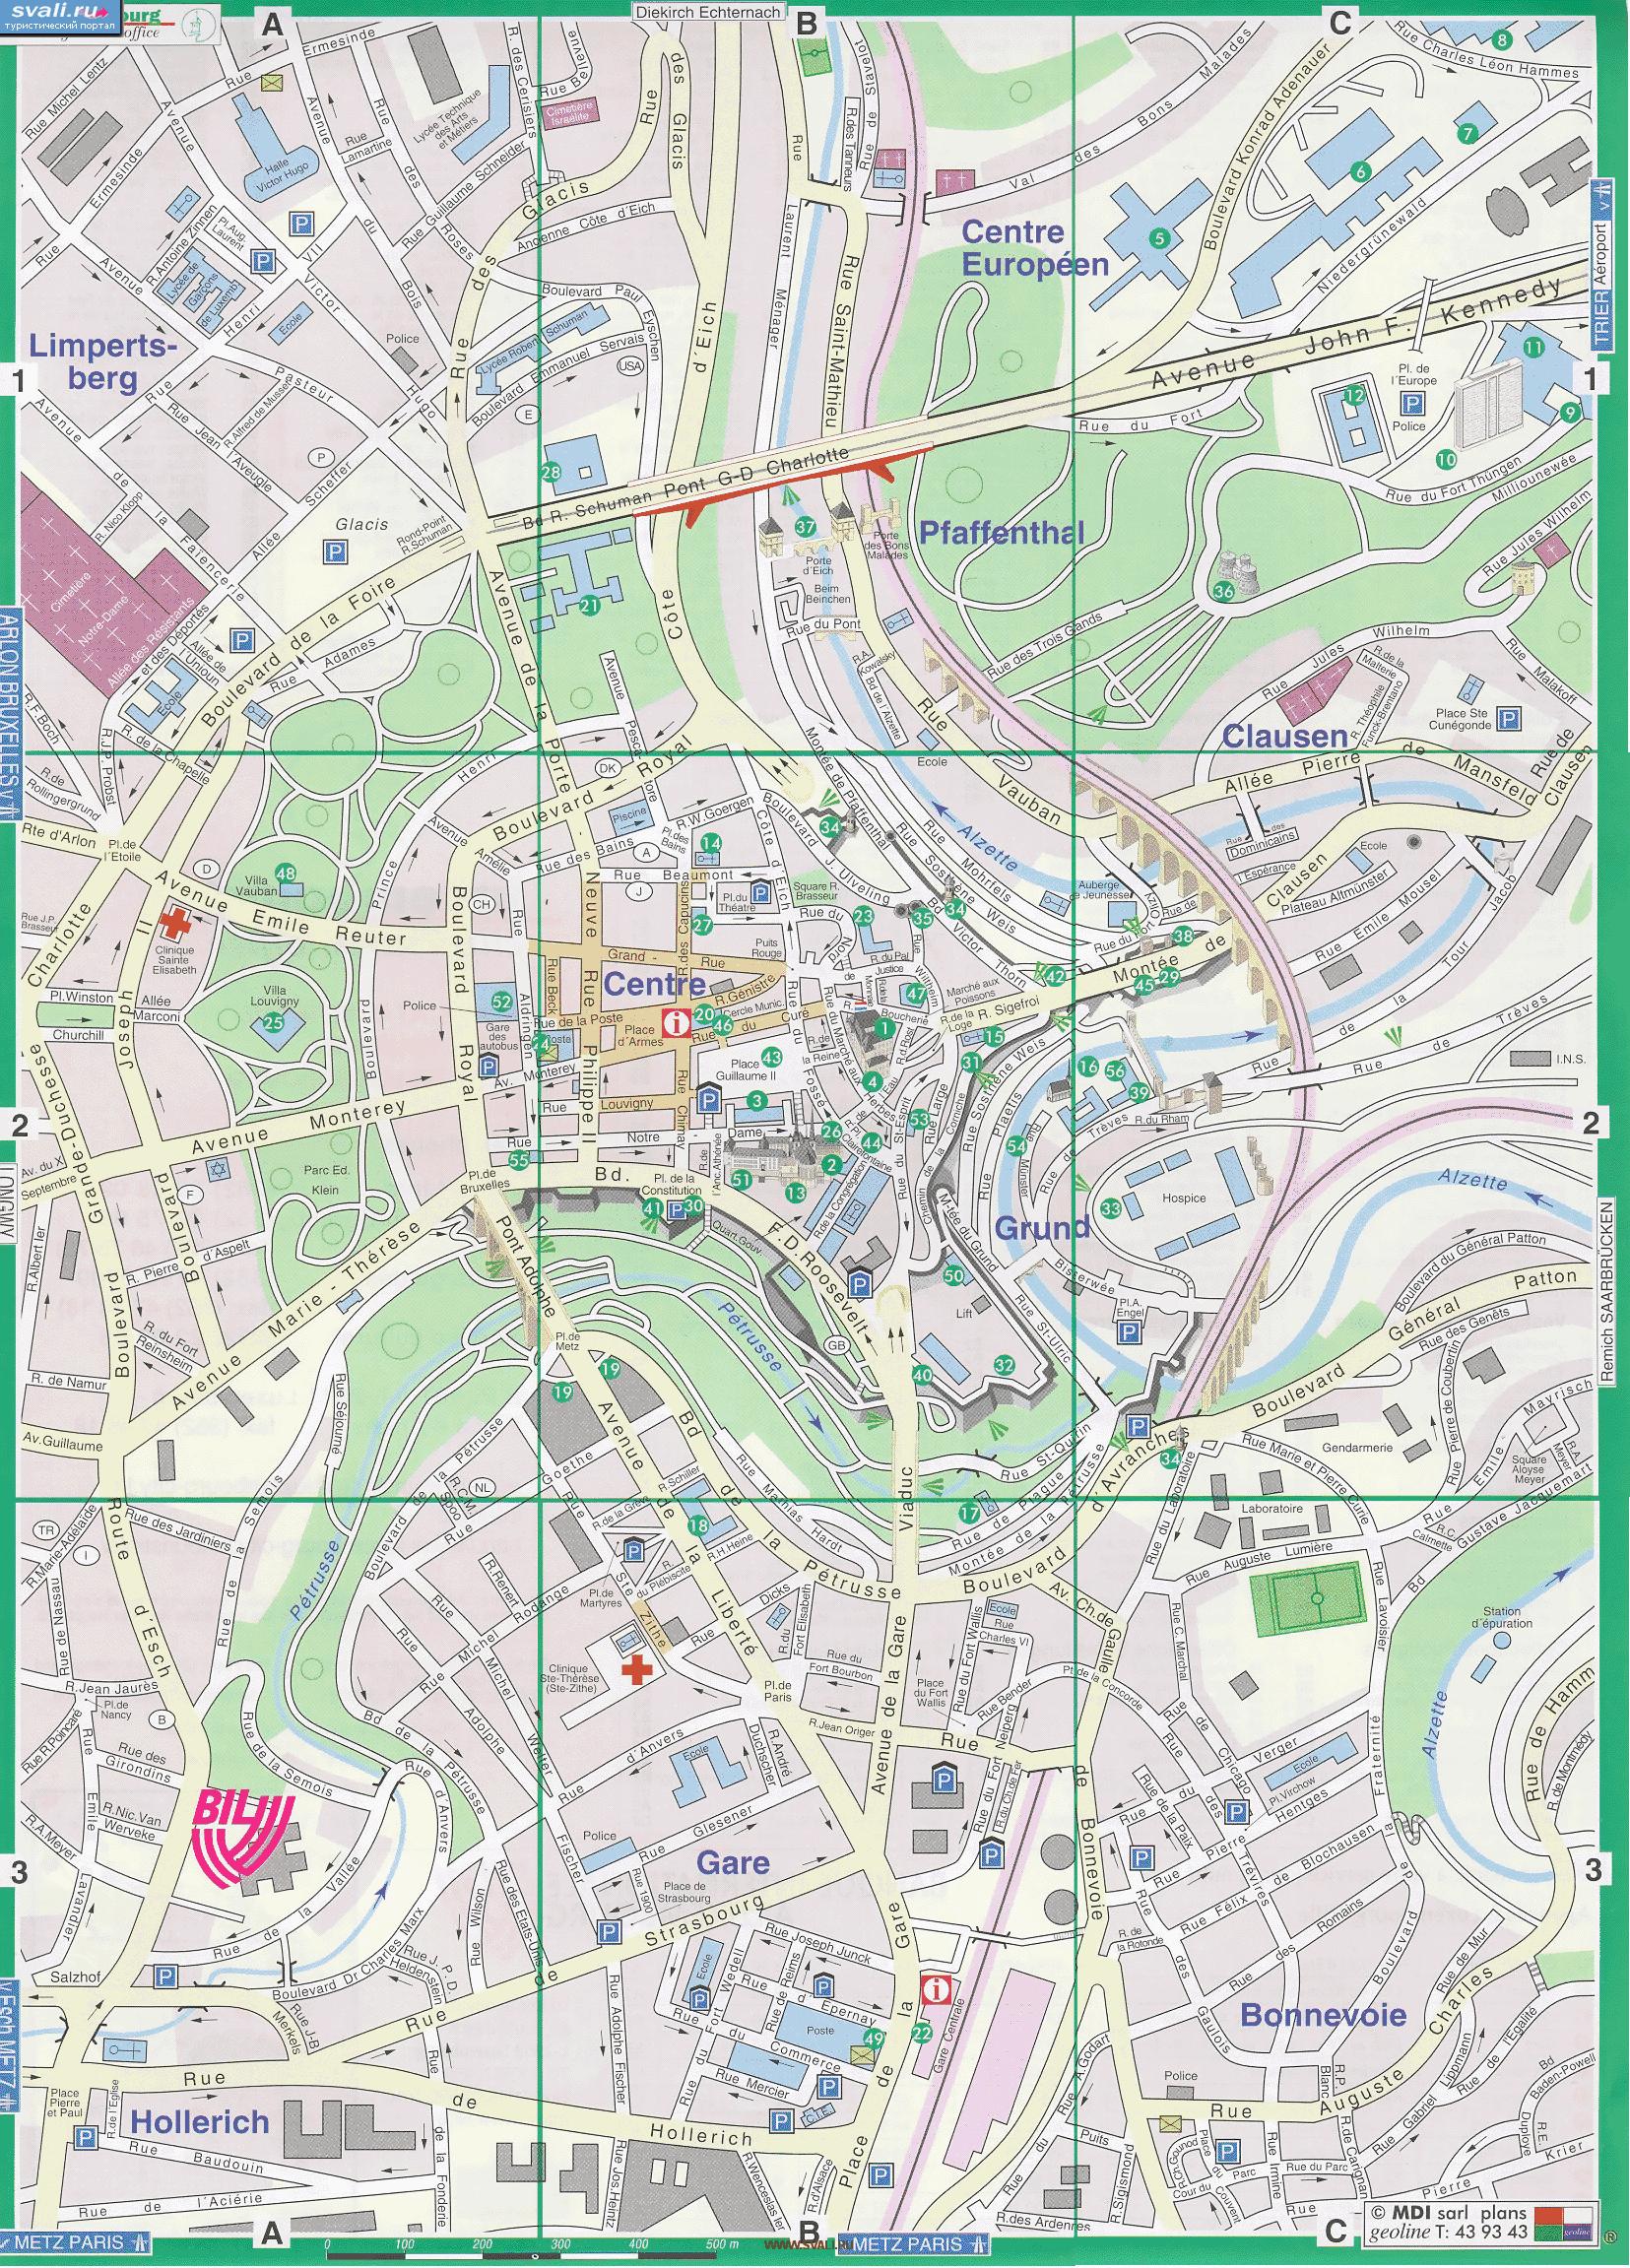 luxembourg city tourist map pdf